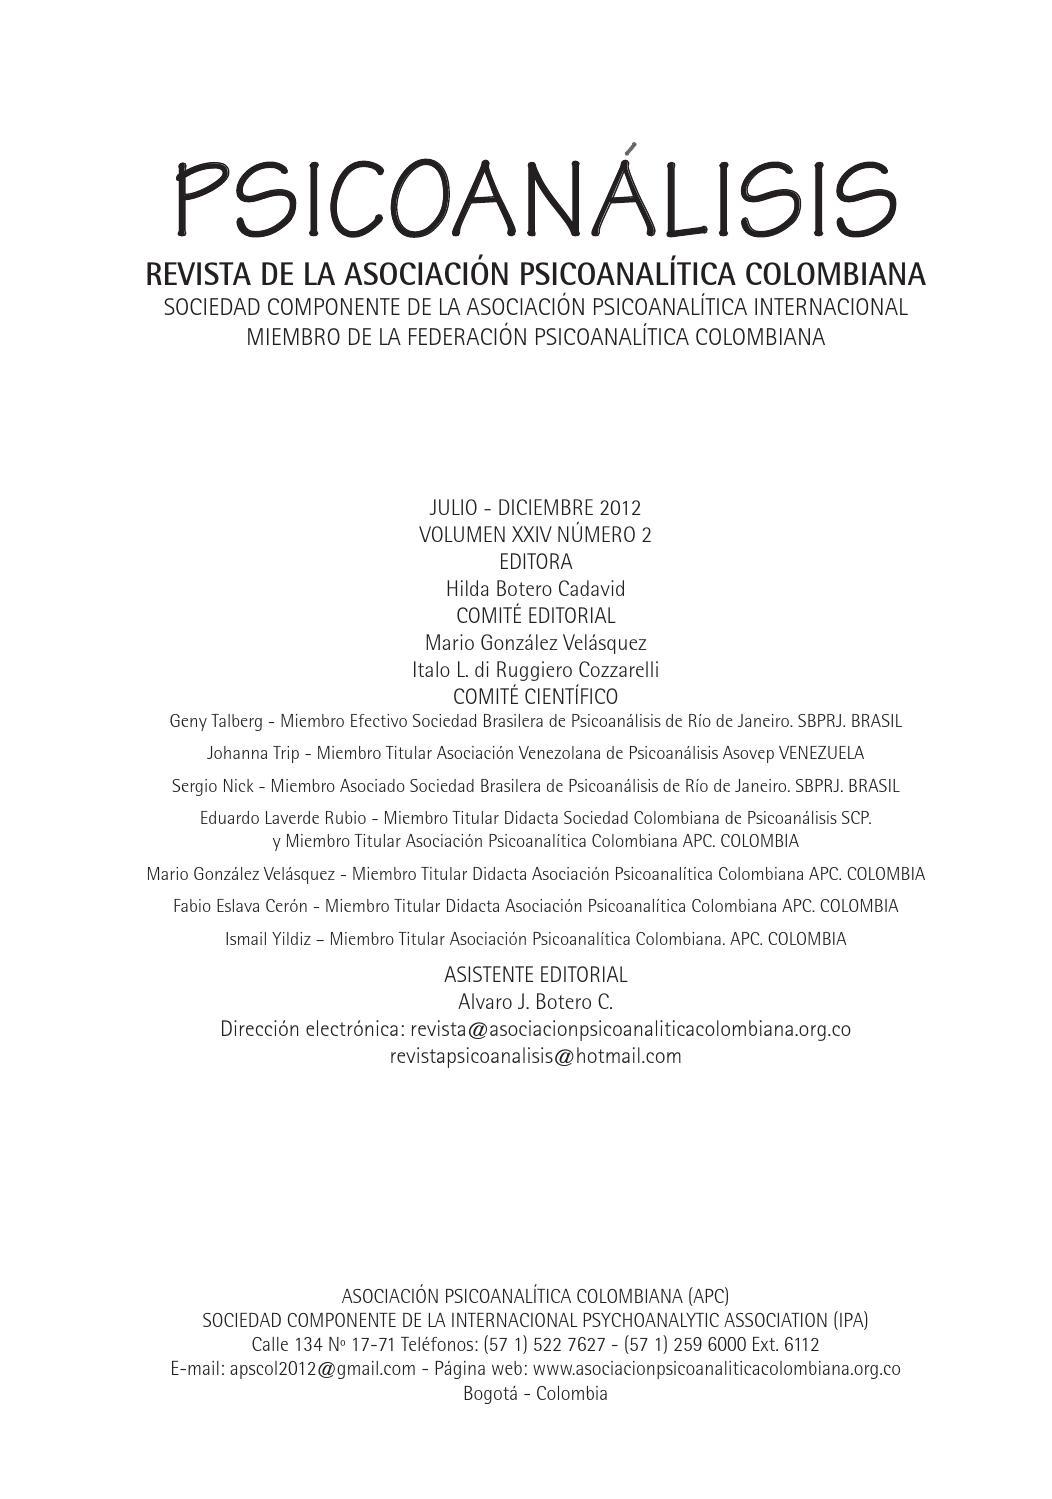 Psicoanálisis Volumen Xxiv N 2 By Harry Haller Issuu